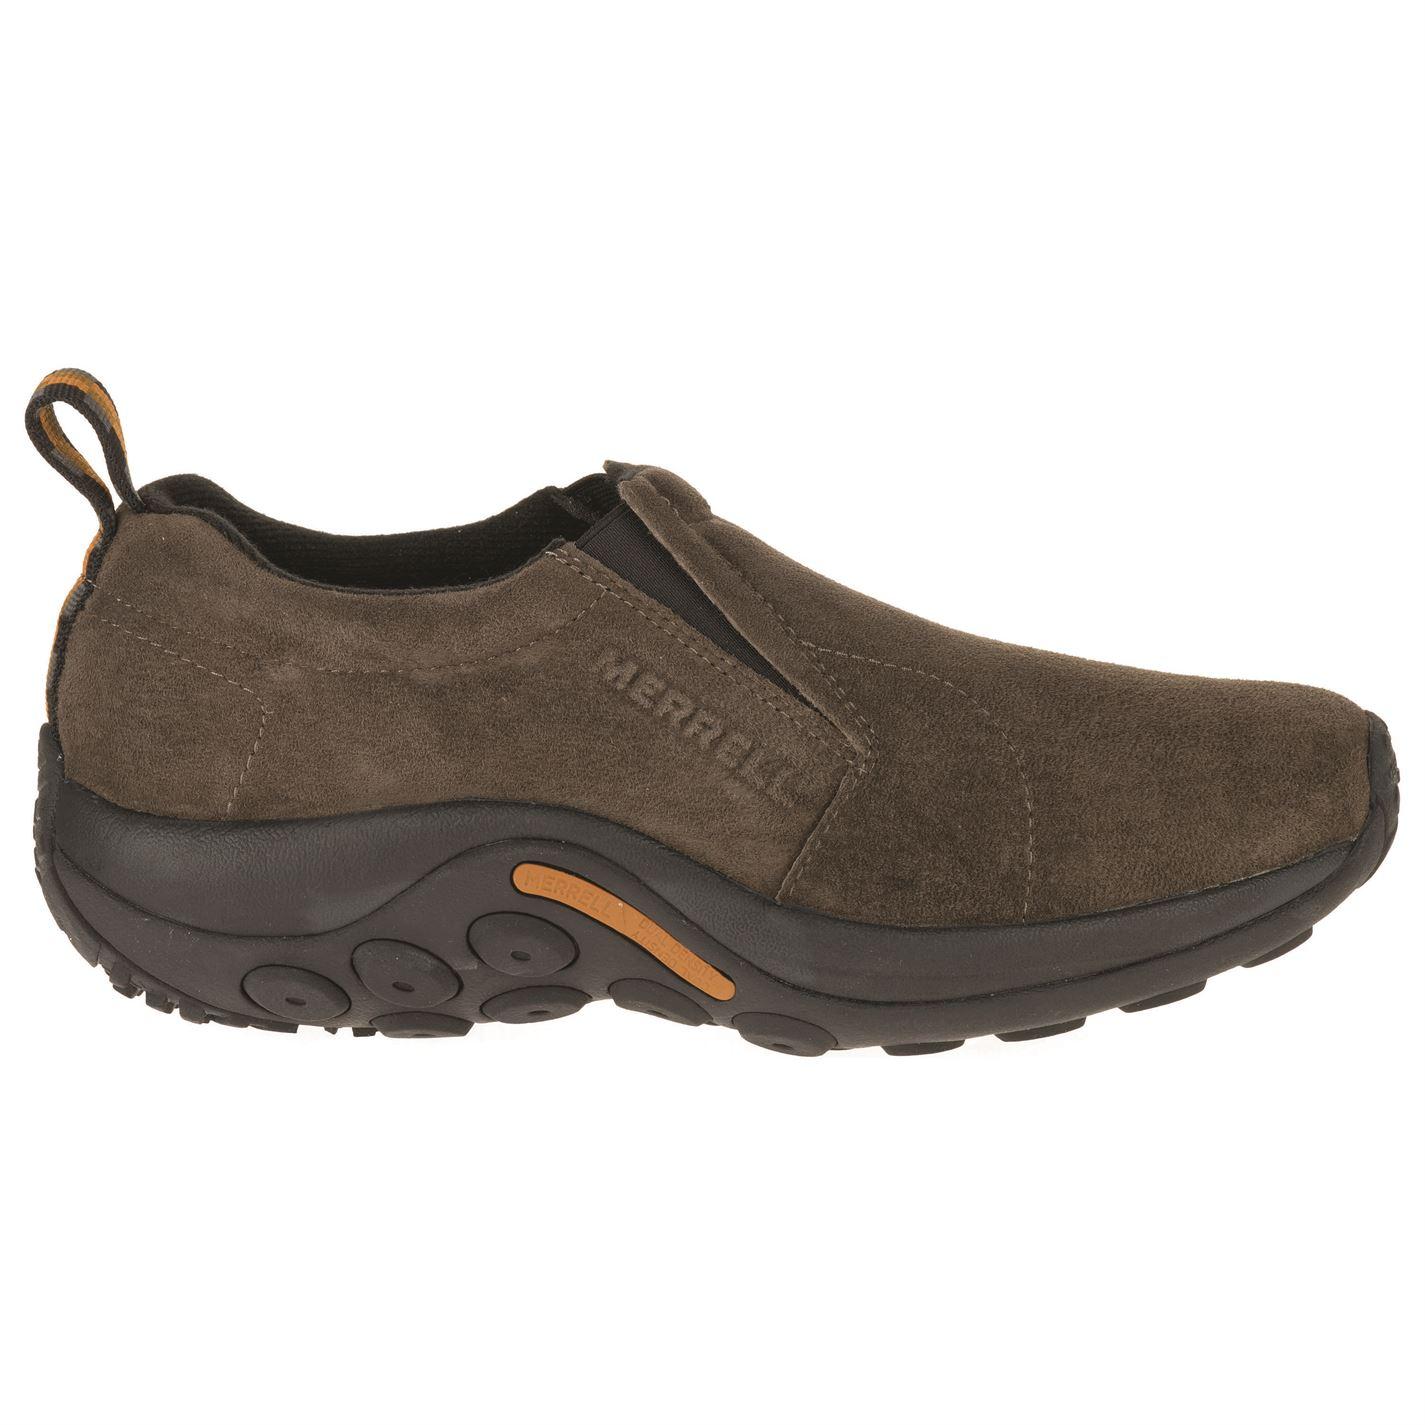 Merrell Jungle Moc Mens Walking Shoes